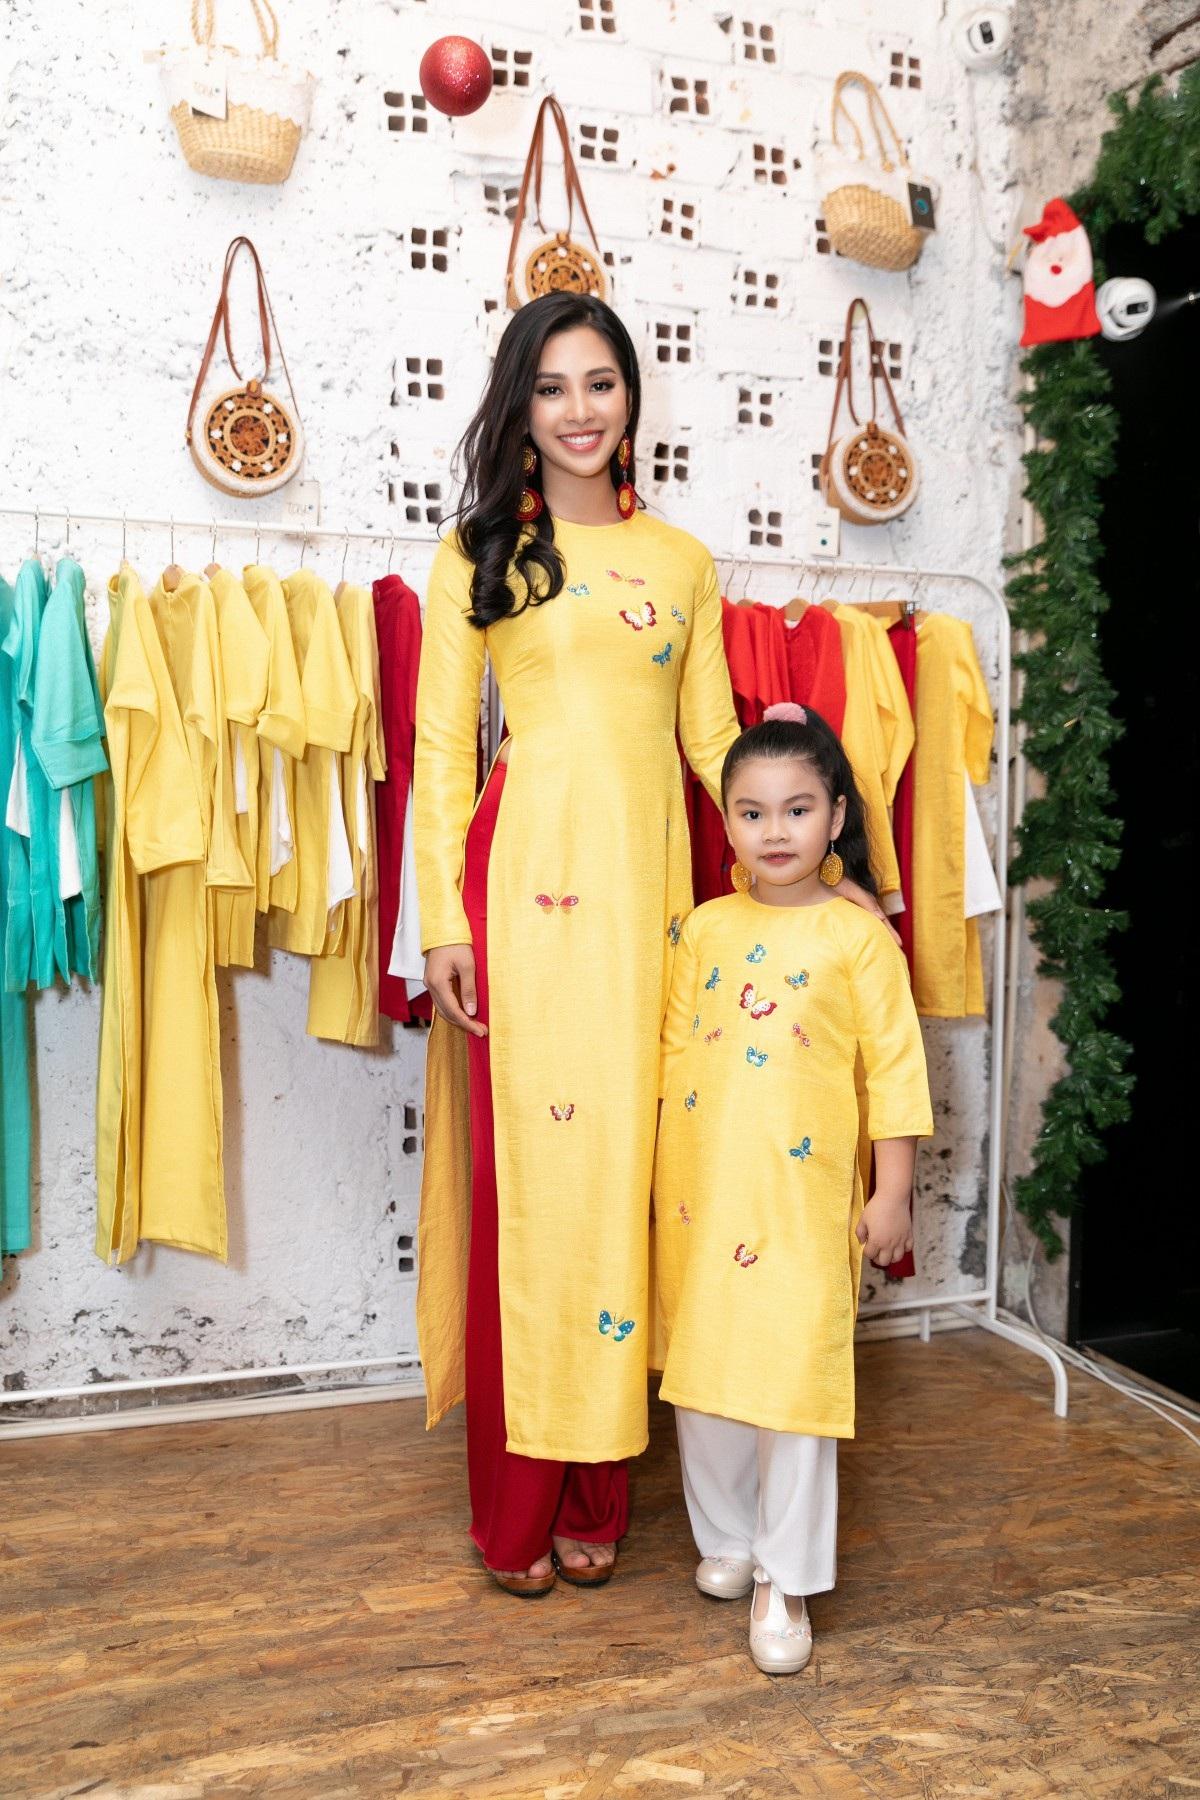 Hoa hậu Tiểu Vy khoe nhan sắc cuốn hút sau Miss World 2018 - Ảnh 3.